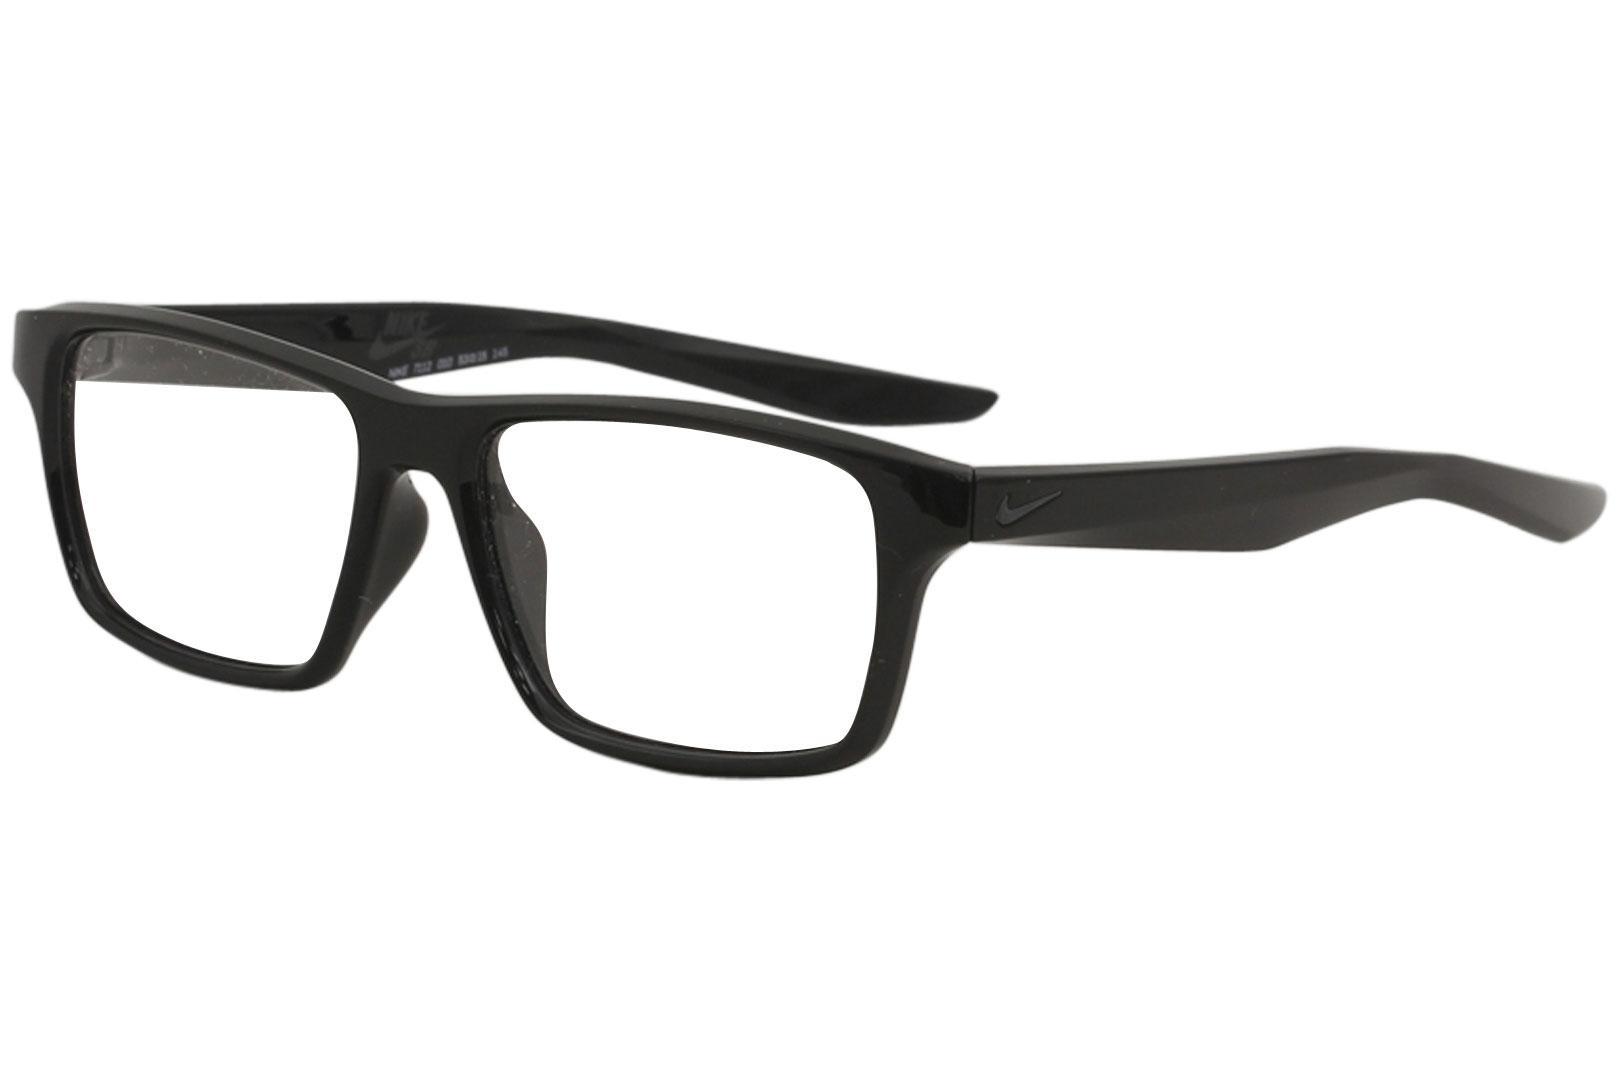 Image of Nike SB Men's Eyeglasses 7112 Full Rim Optical Frame - Black   010 - Lens 53 Bridge 15 Temple 145mm